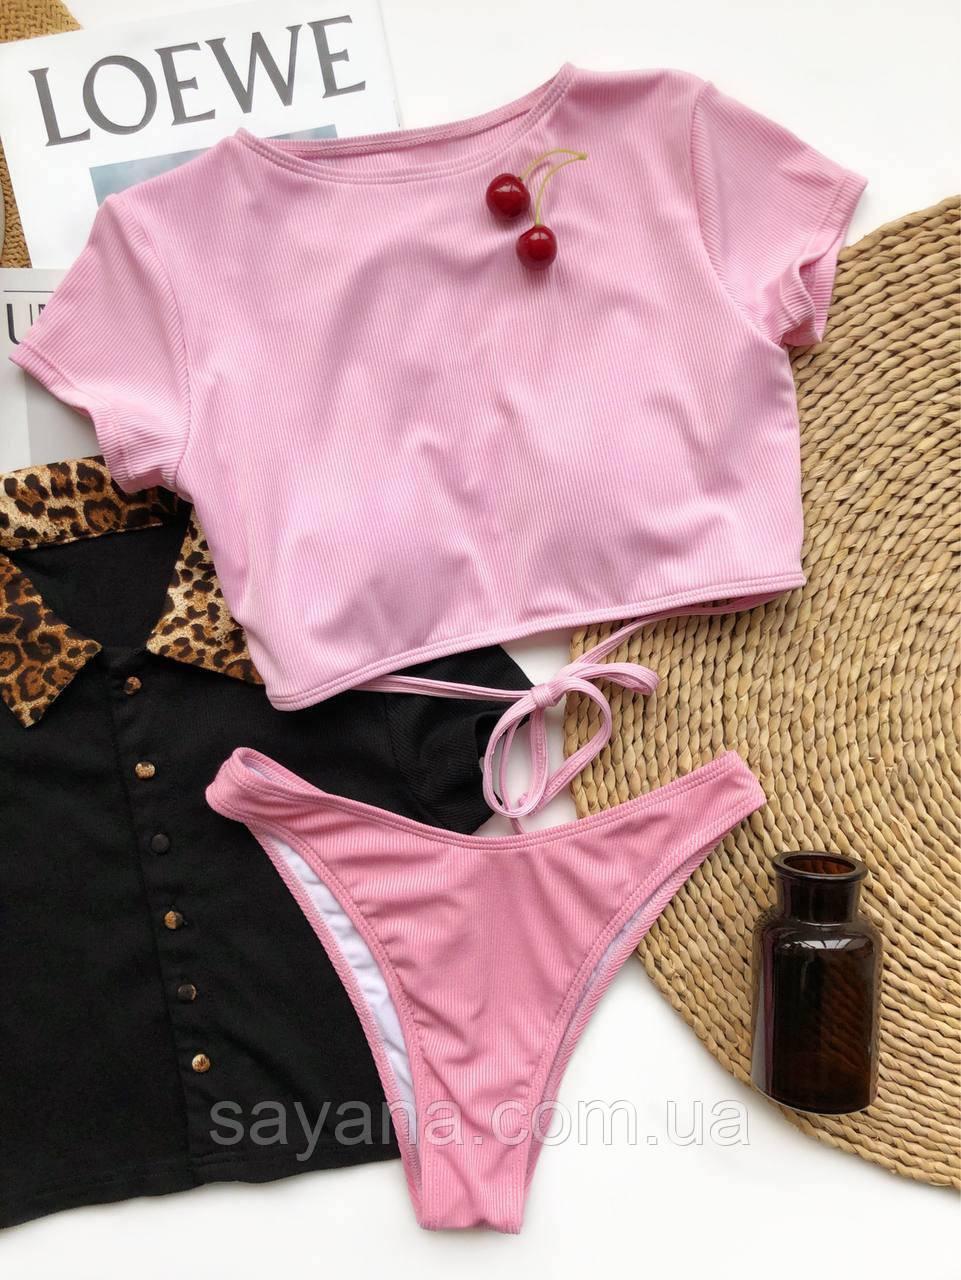 Женский красивый раздельный купальник с топом футболкой розовый, бежевый МТ-3-0621